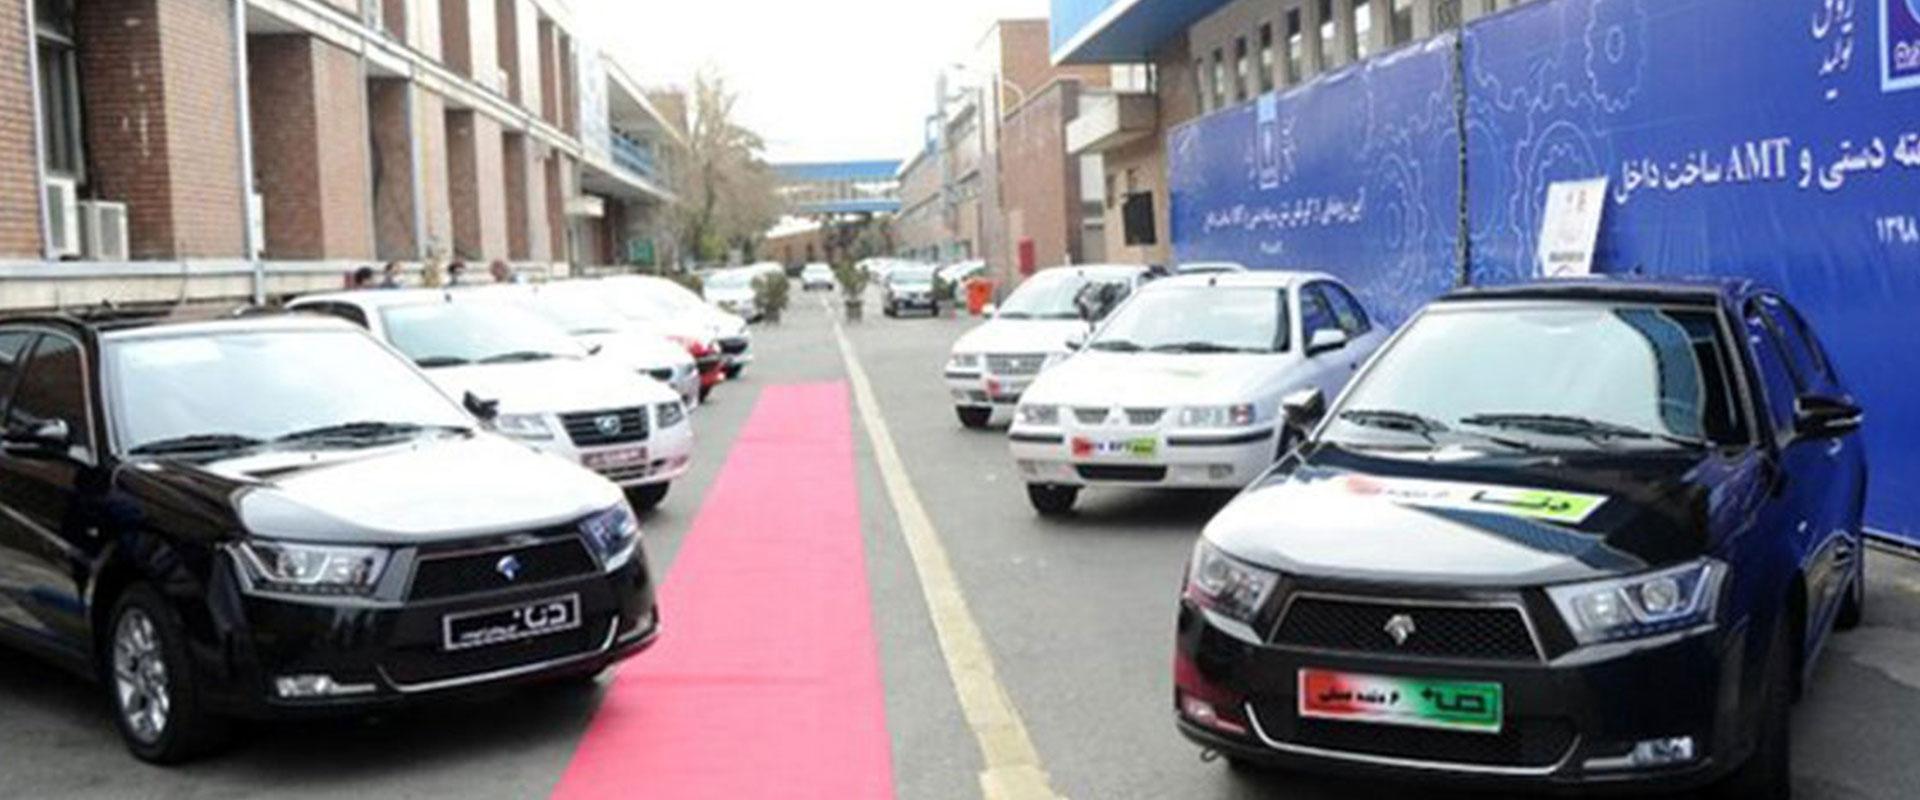 شرکت گسترش سرمایه گذاری ایران خودرو